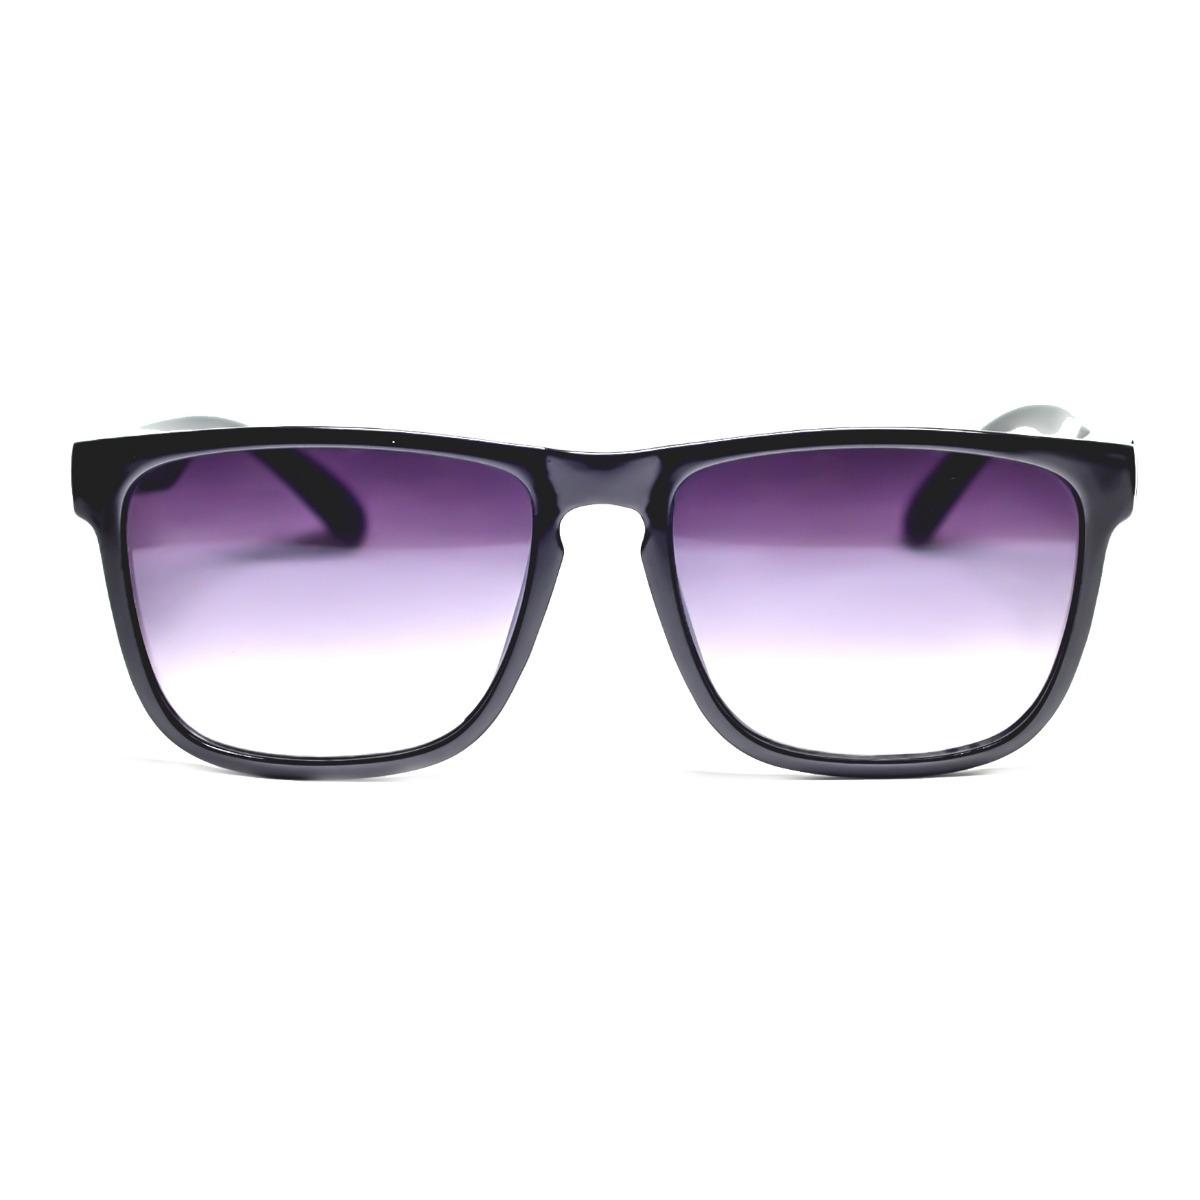 ccc9c91d1 oculos de sol preto lente degrade uv400 quadrado resistente. Carregando zoom .